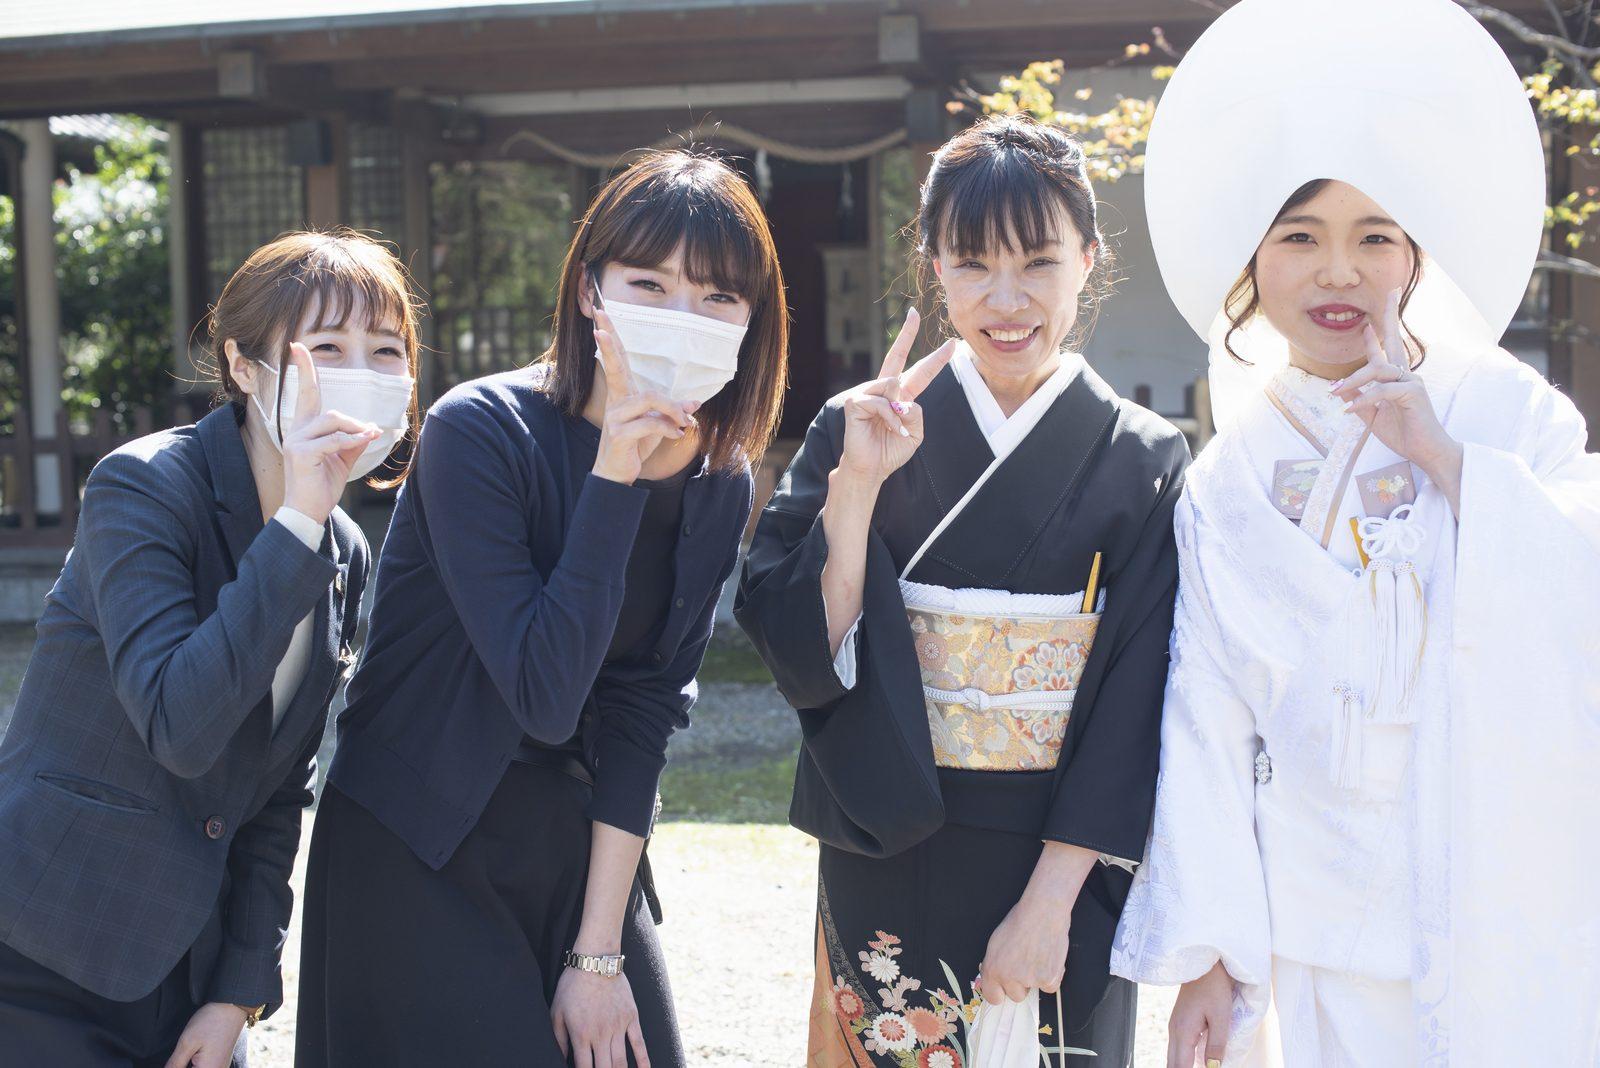 徳島市の結婚式場ブランアンジュで披露宴を行う前に挙式をした忌部神社でスタッフとの記念写真